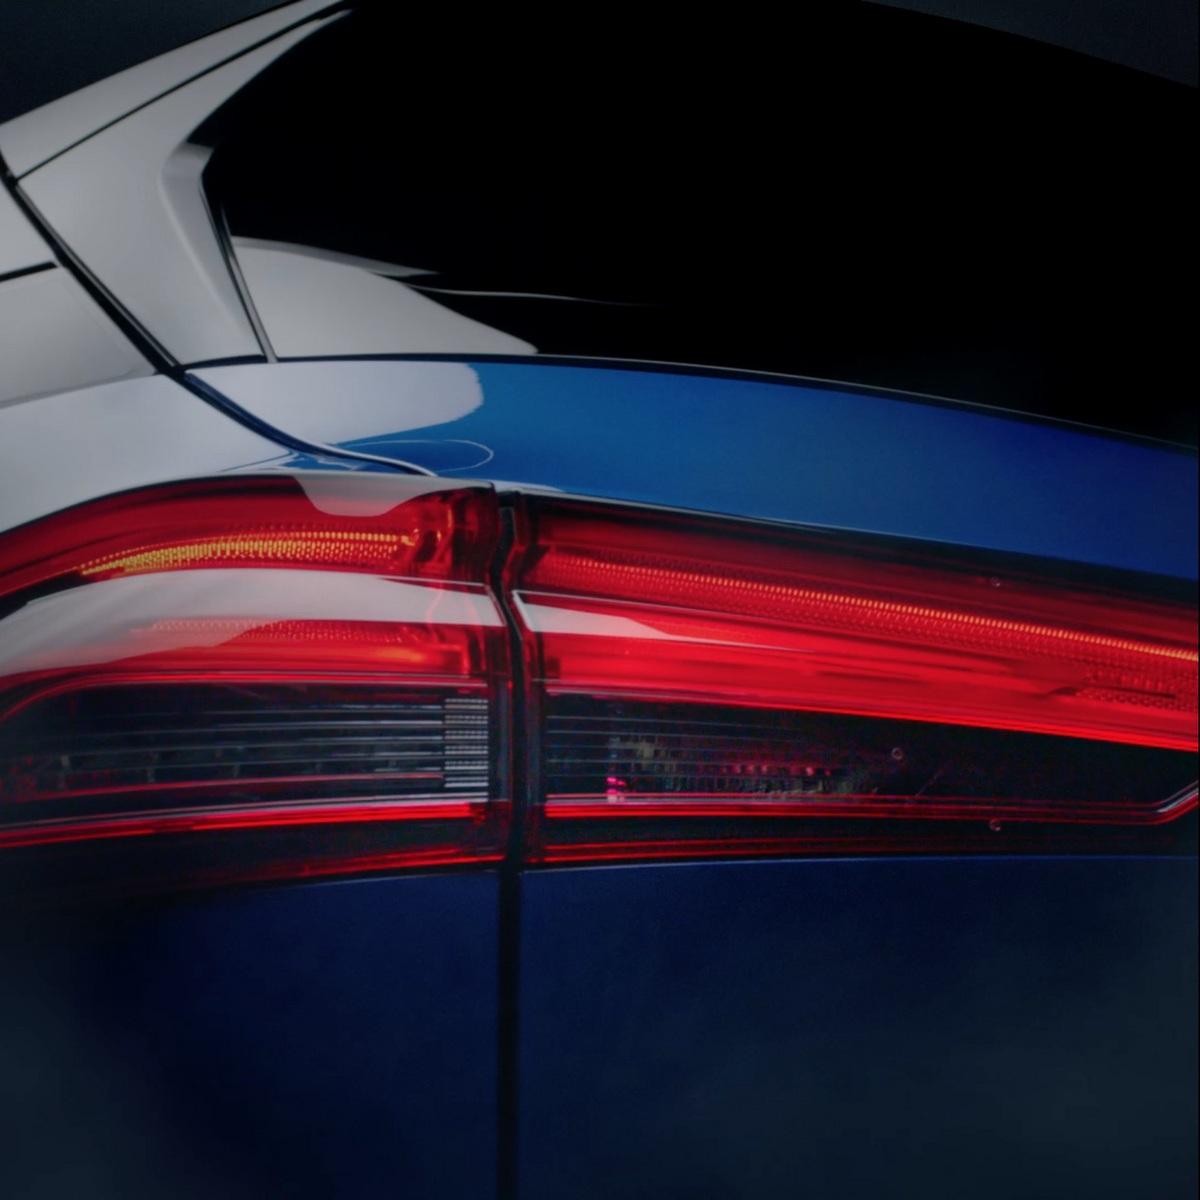 Nuova Nissan Qashqai: rilasciato un altro teaser.